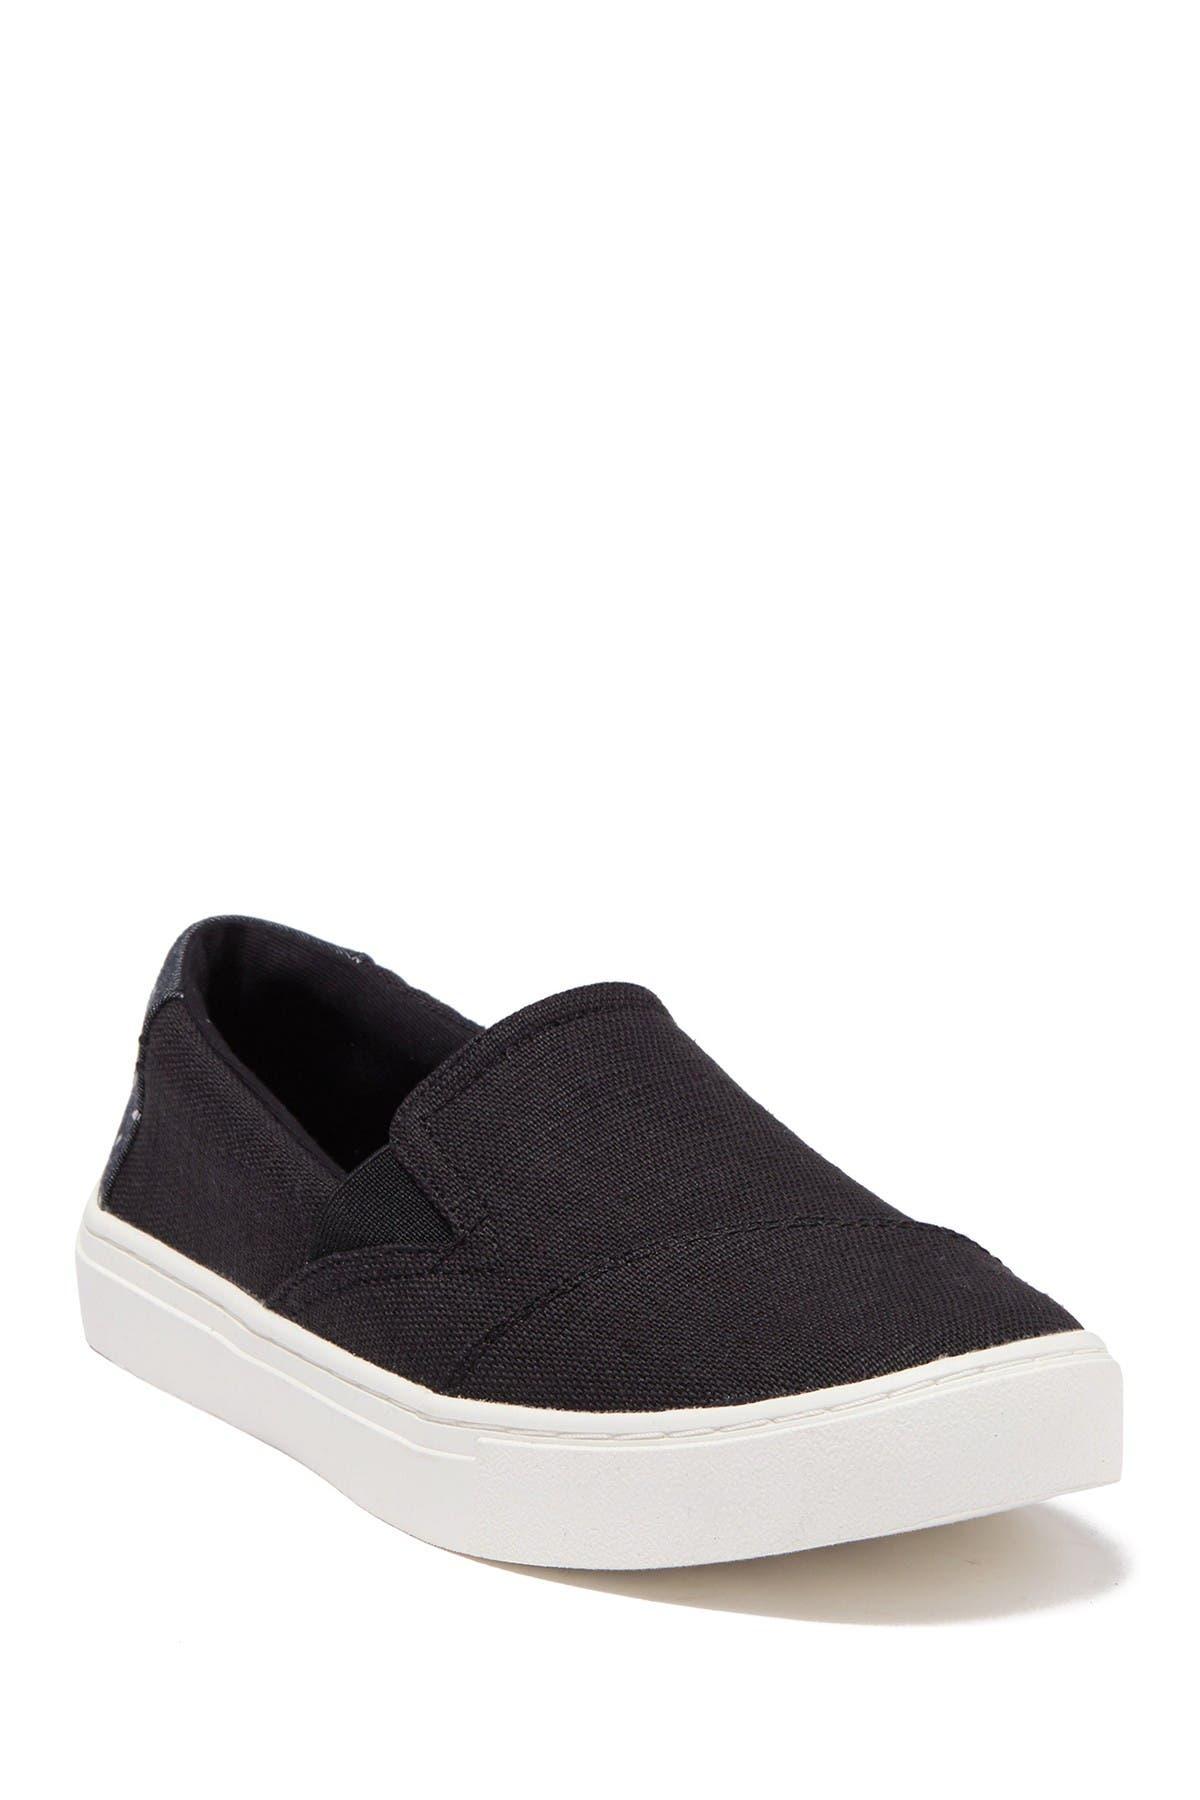 TOMS   Luca Slip-On Sneaker   Nordstrom